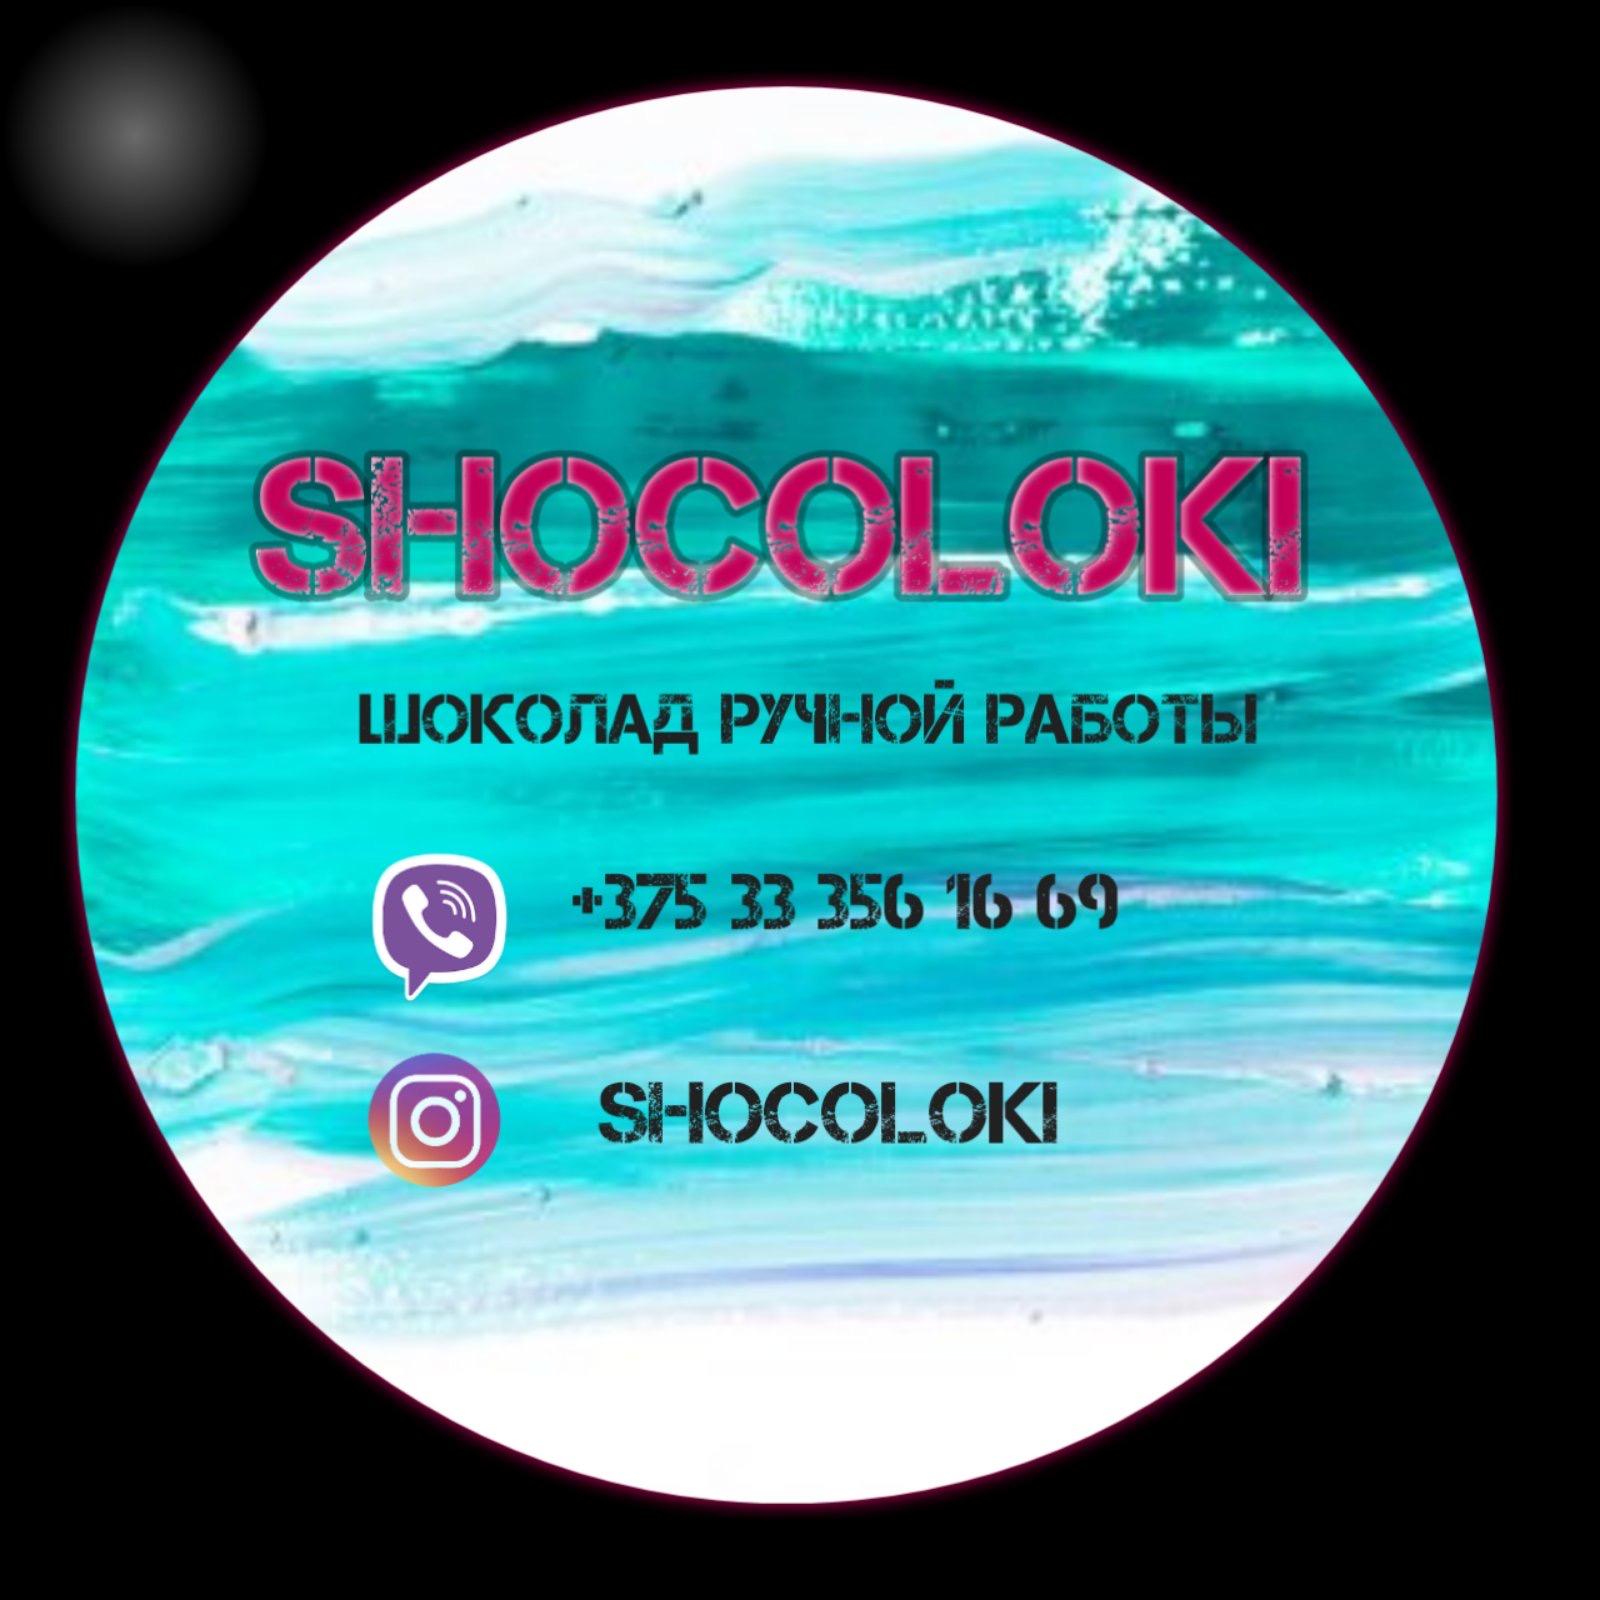 """Шоколад ручной работы всего за 5,60 в """"Shocoloki"""""""